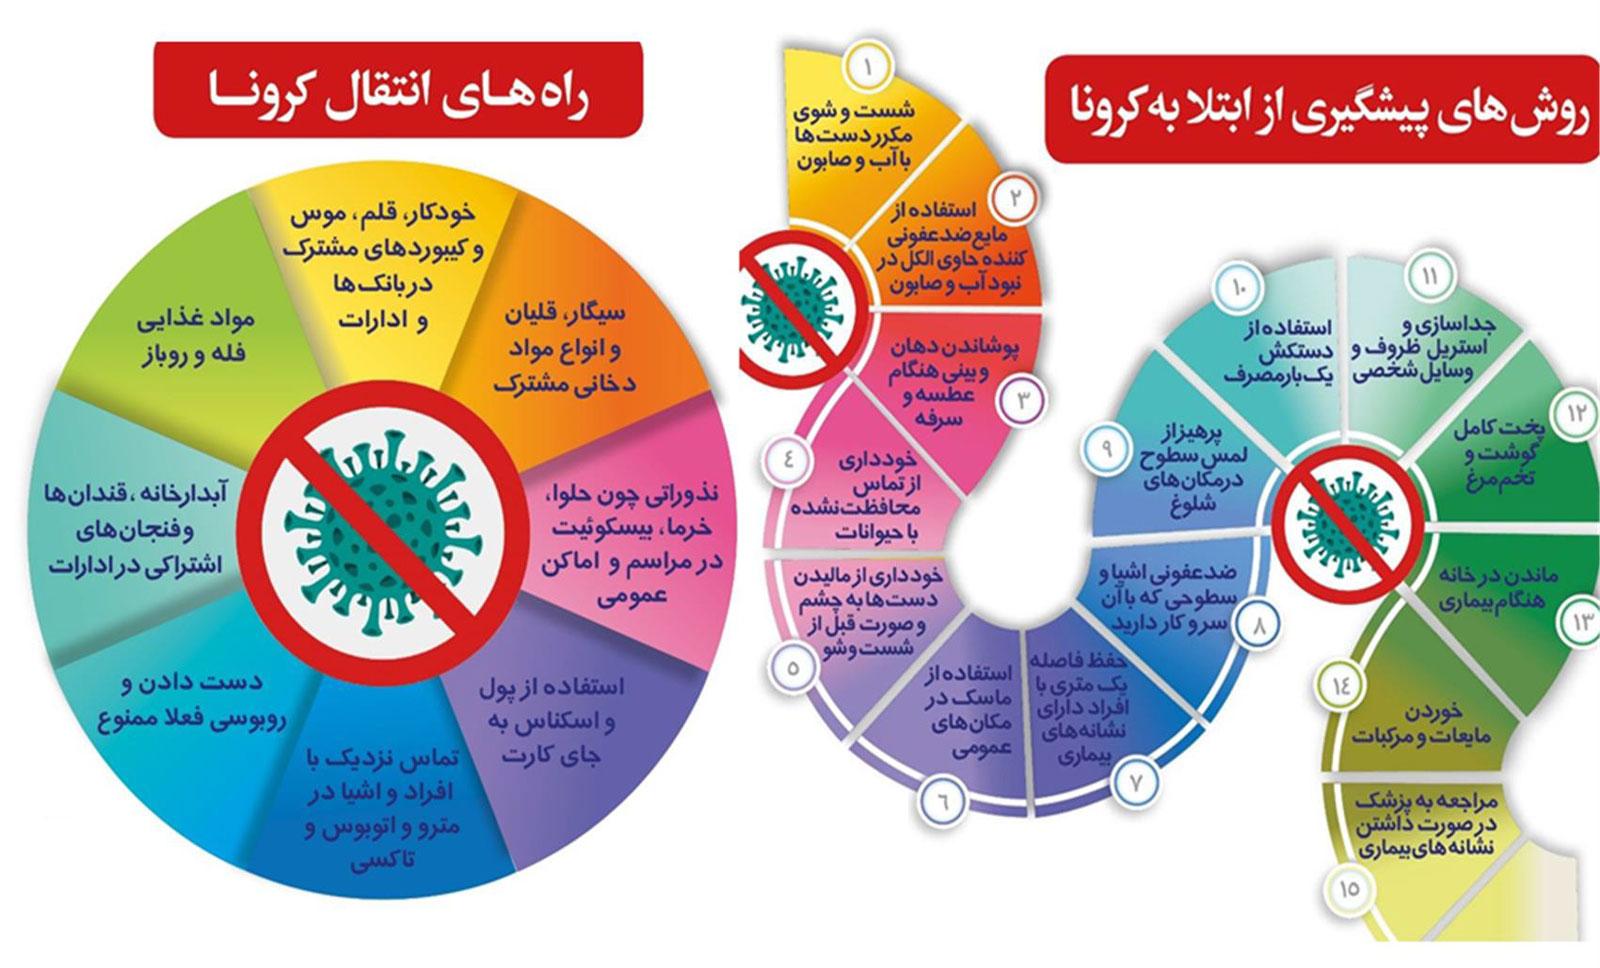 دستورالعمل پیشگیری و مراقبت بیماری کرونا